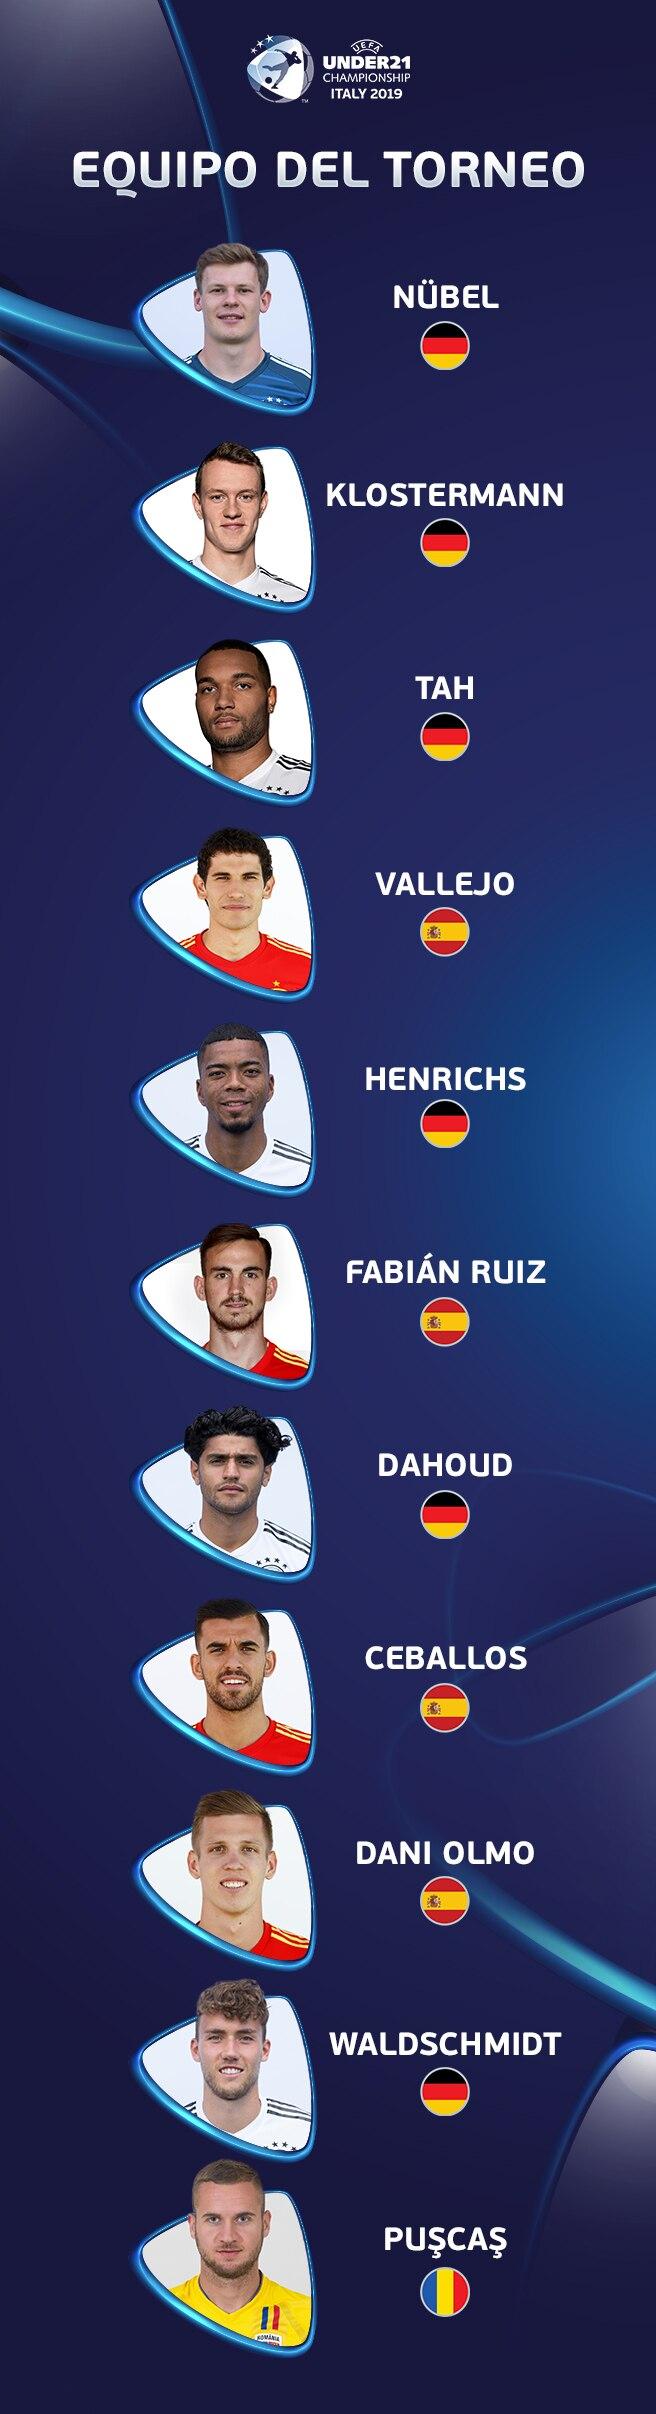 Equipo del Torneo sub-21